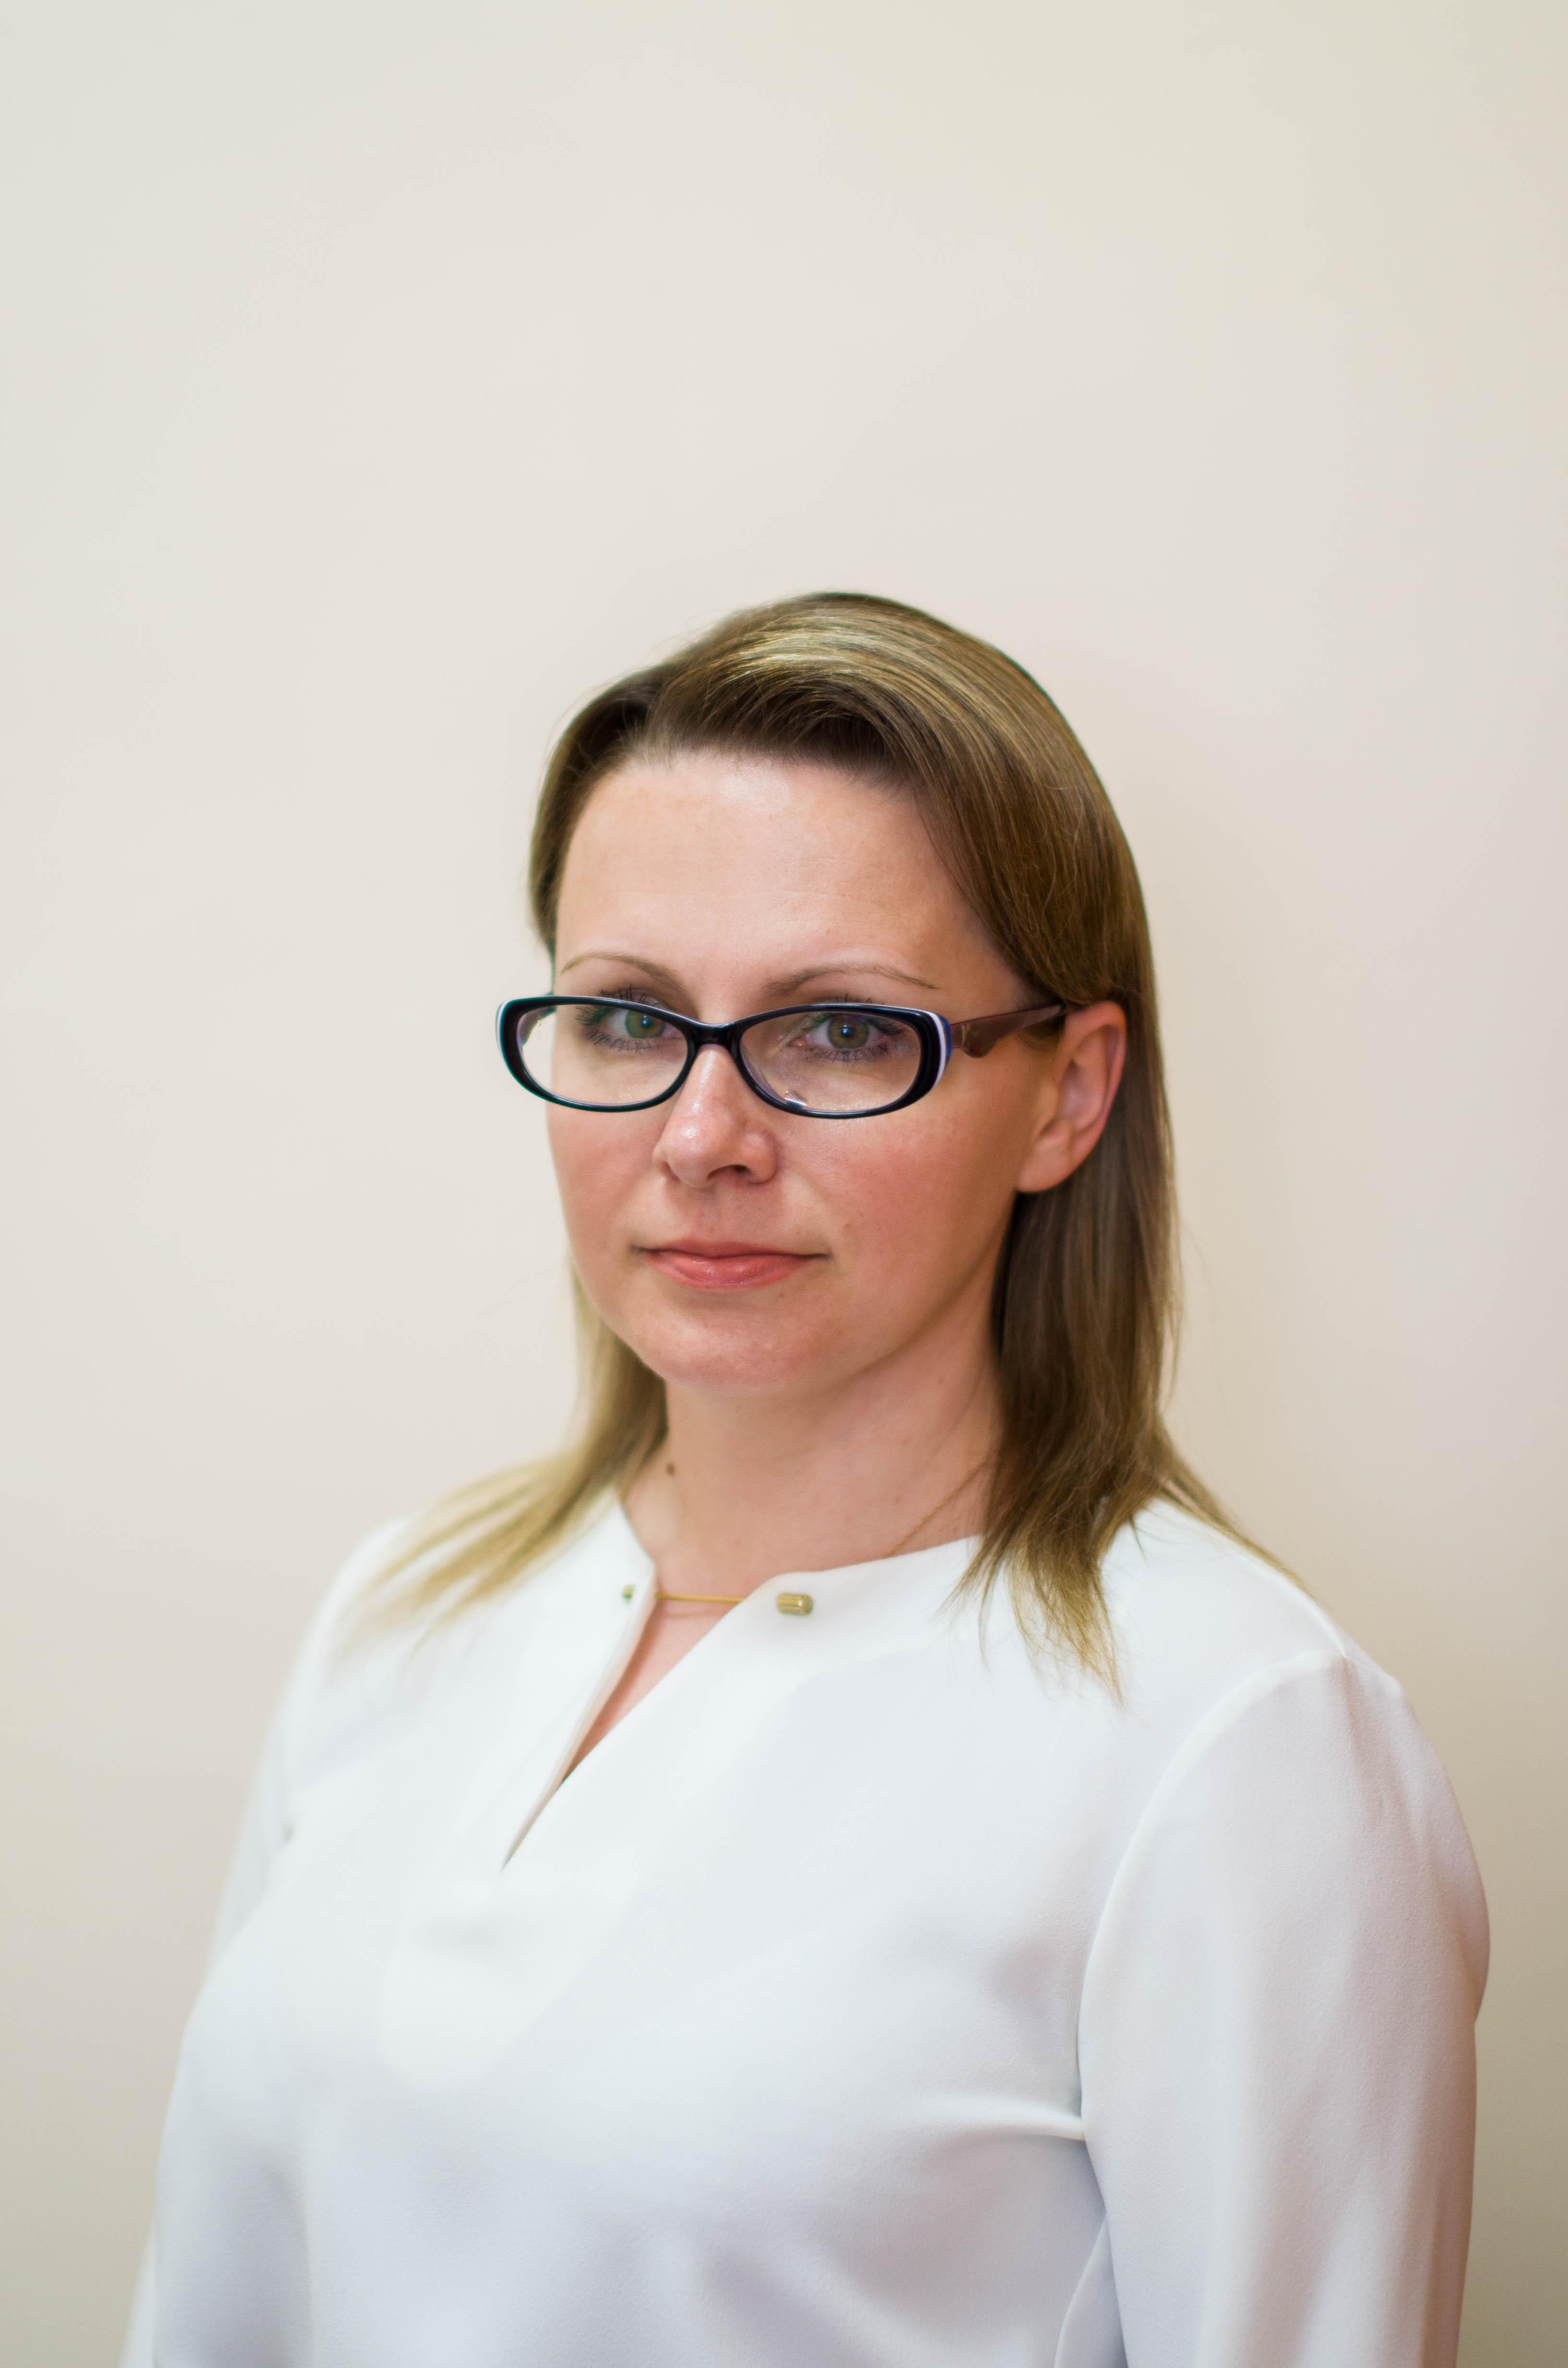 Ливенцова Марина Юрьевна